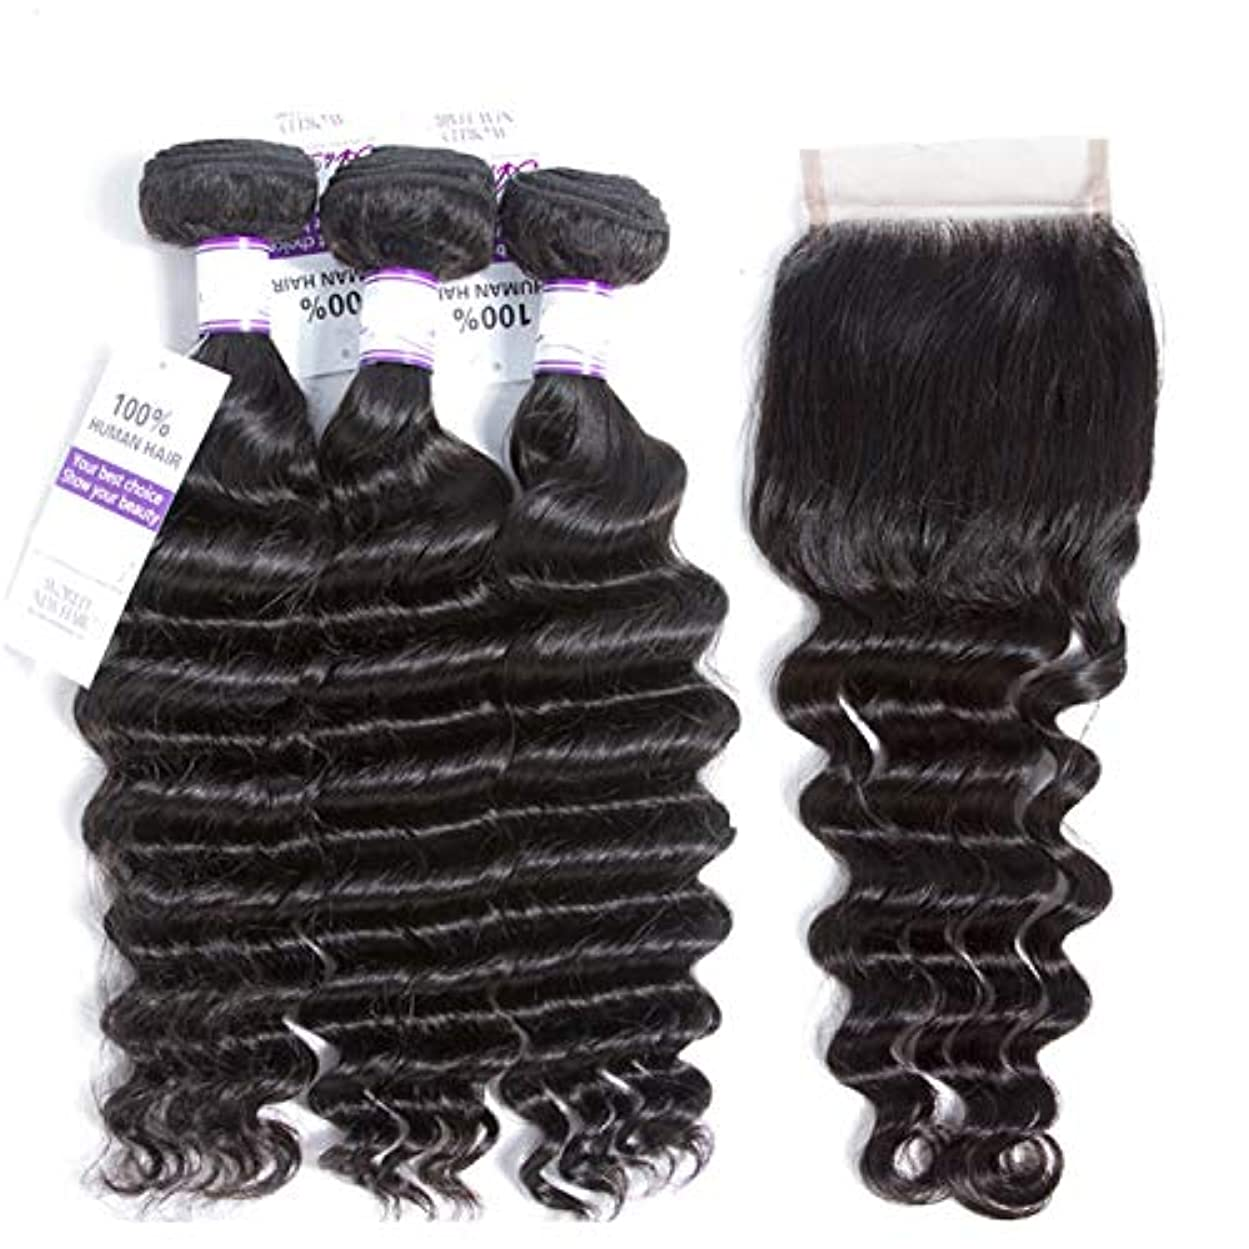 無謀絶望的な和解する緩い深い波3バンドルで4 * 4閉鎖ブラジル髪織りバンドル非レミー100%人毛エクステンション (Length : 22 24 26 Cl18, Part Design : FREE PART)